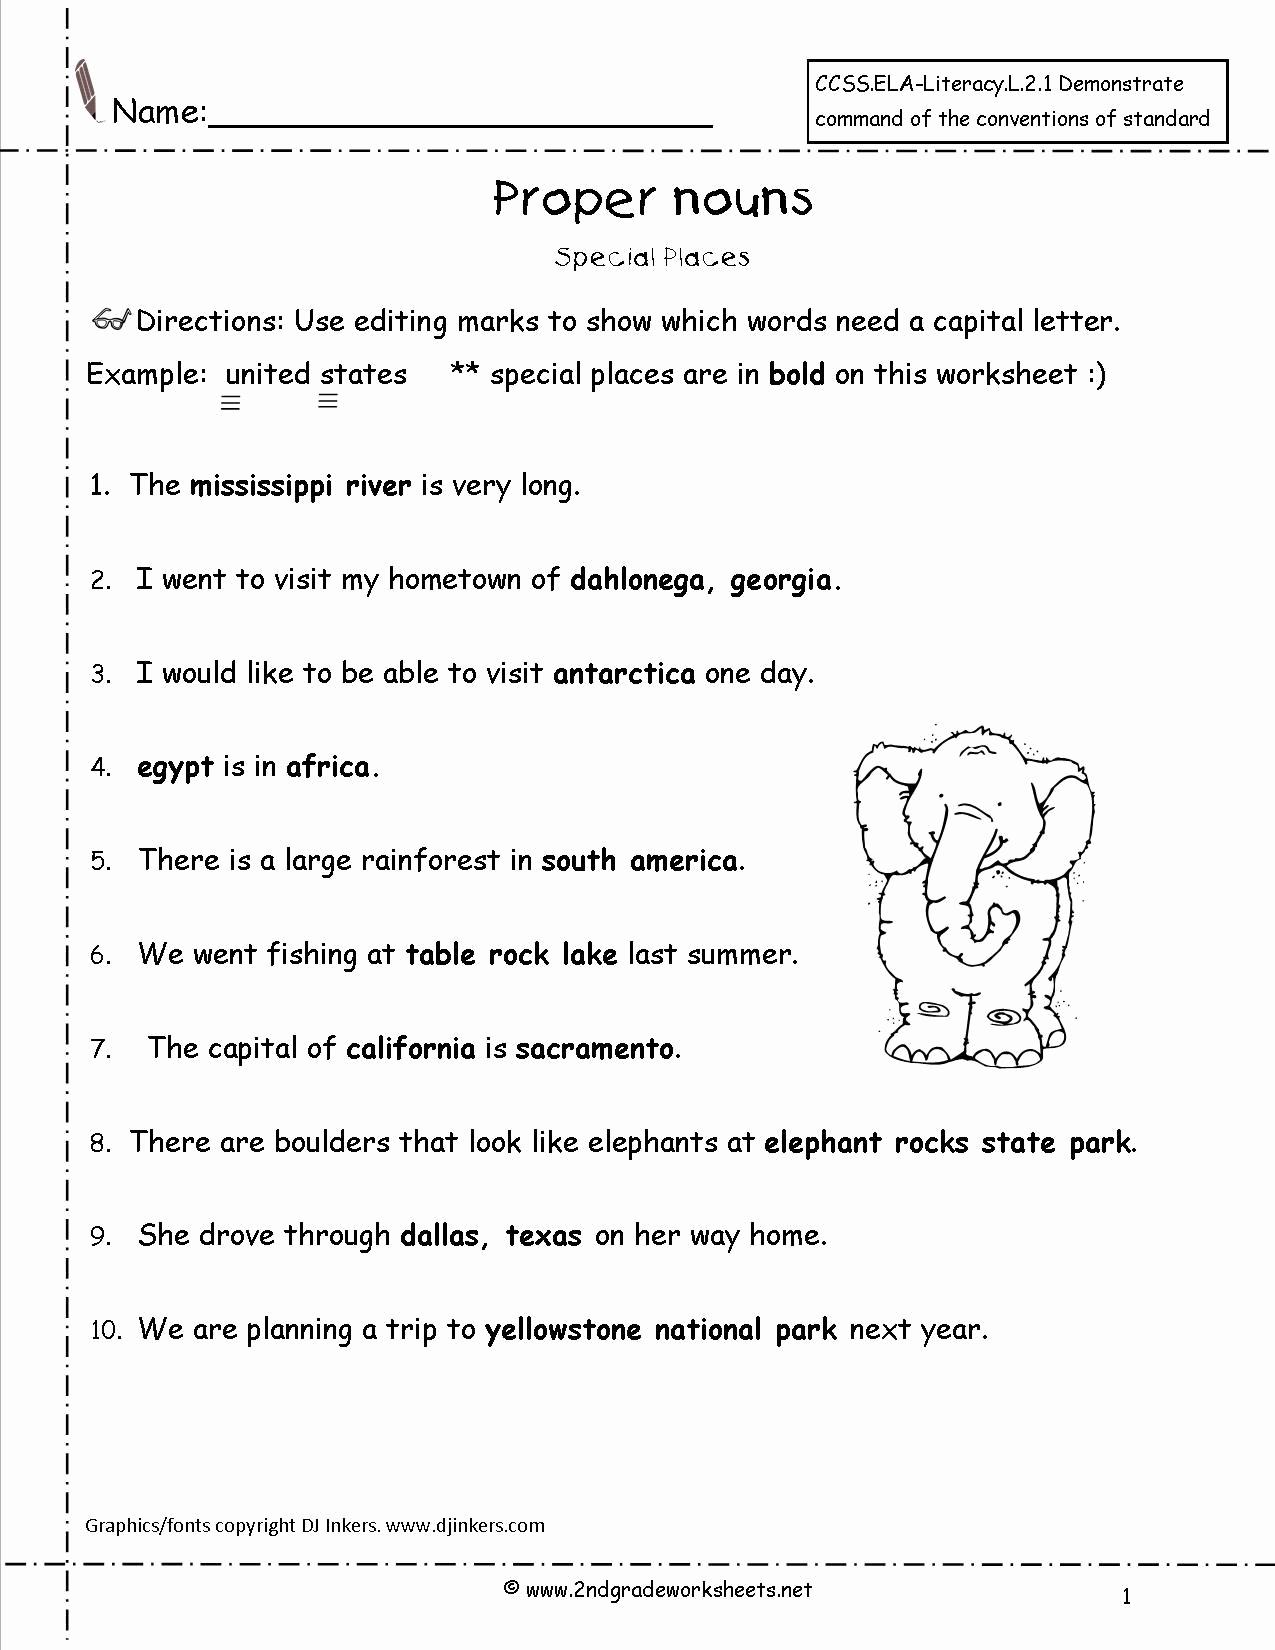 Free Proper Noun Worksheets Best Of Proper Nouns Worksheet